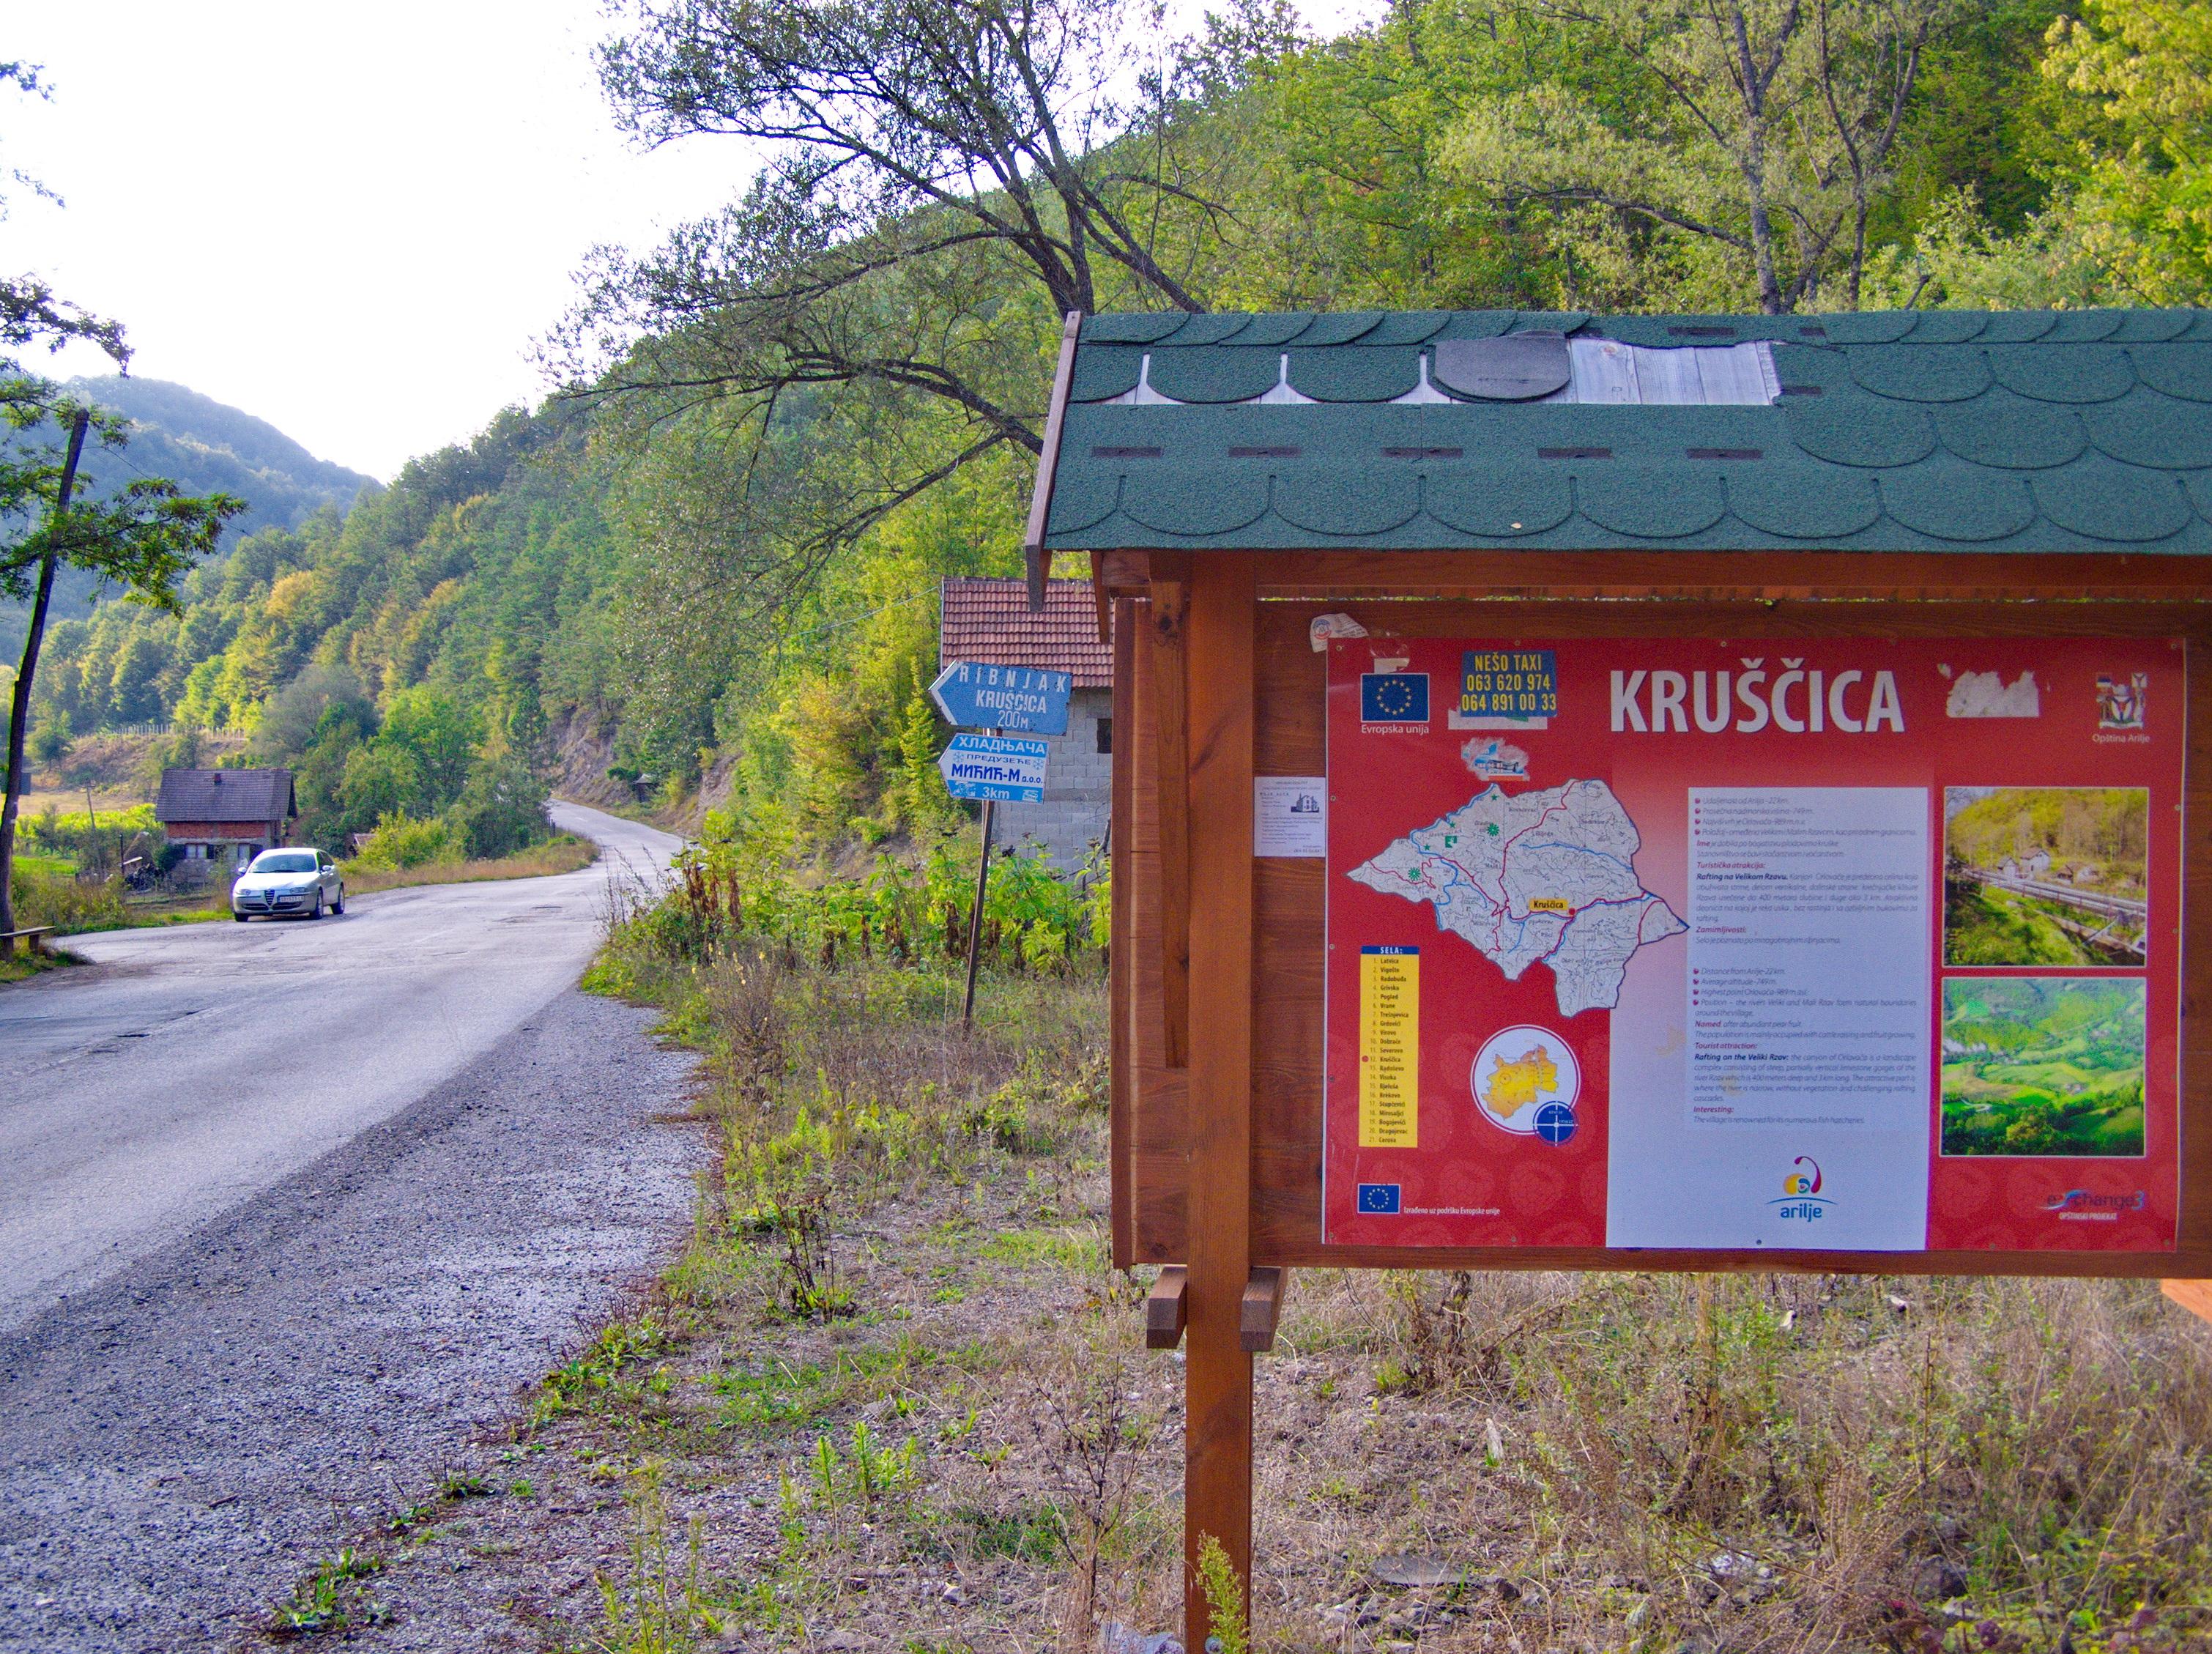 U selu Kruščica u opštini Arilje koje je zahvatilo snažno nevreme proglašena je vanredna situacija